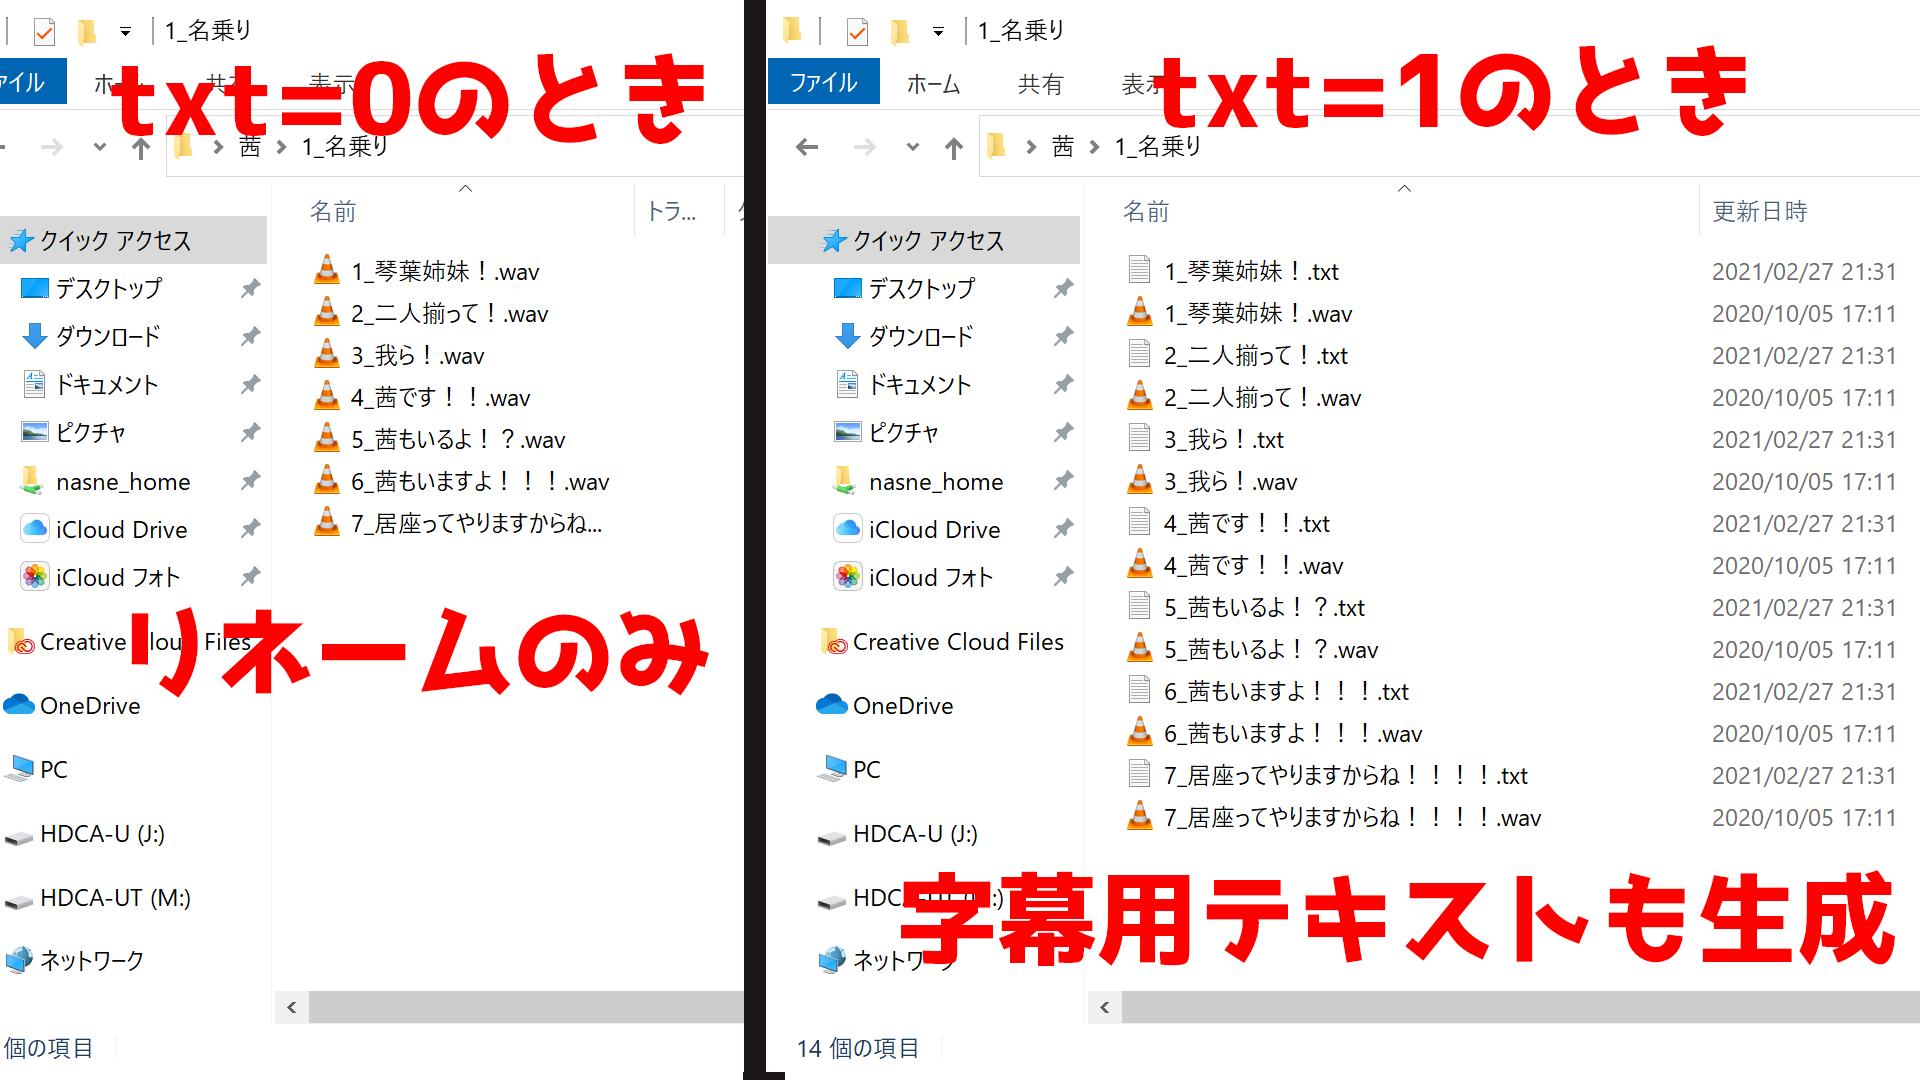 字幕テキスト生成の設定